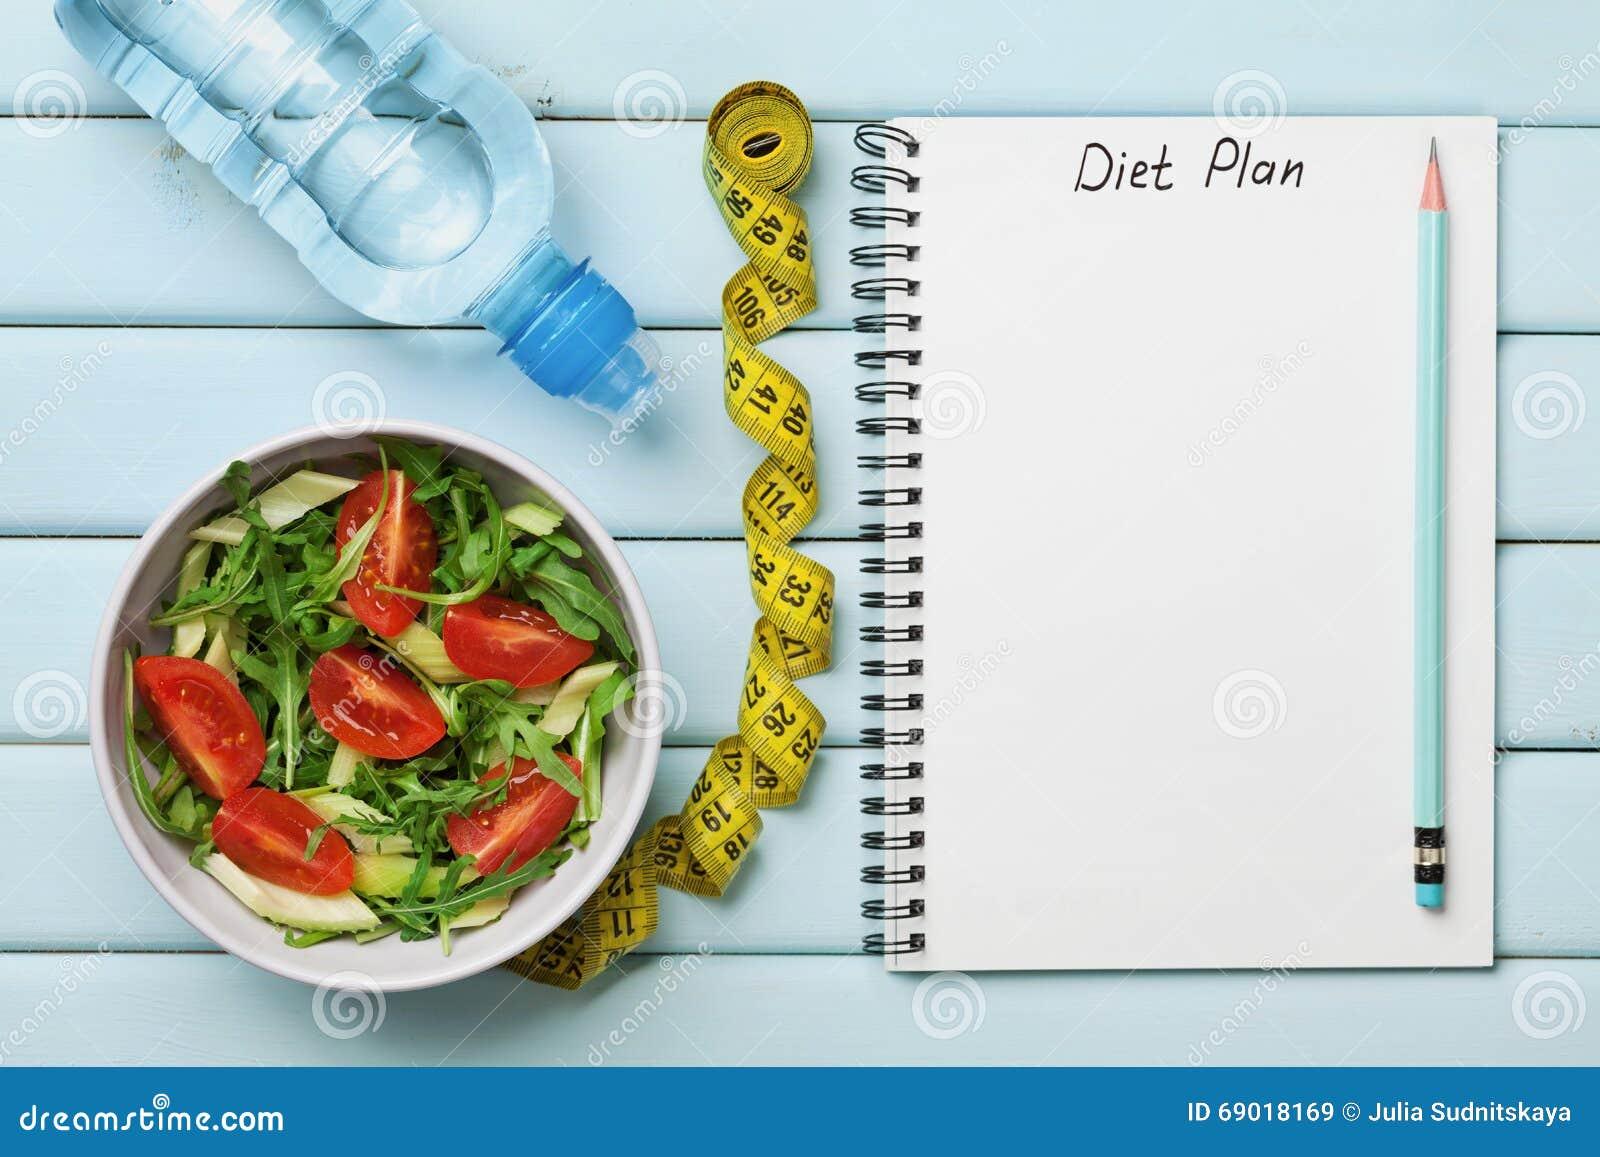 План диеты, меню или программа, рулетка, вода и еда диеты свежего салата на голубой предпосылке, потеря веса и концепция вытрезви